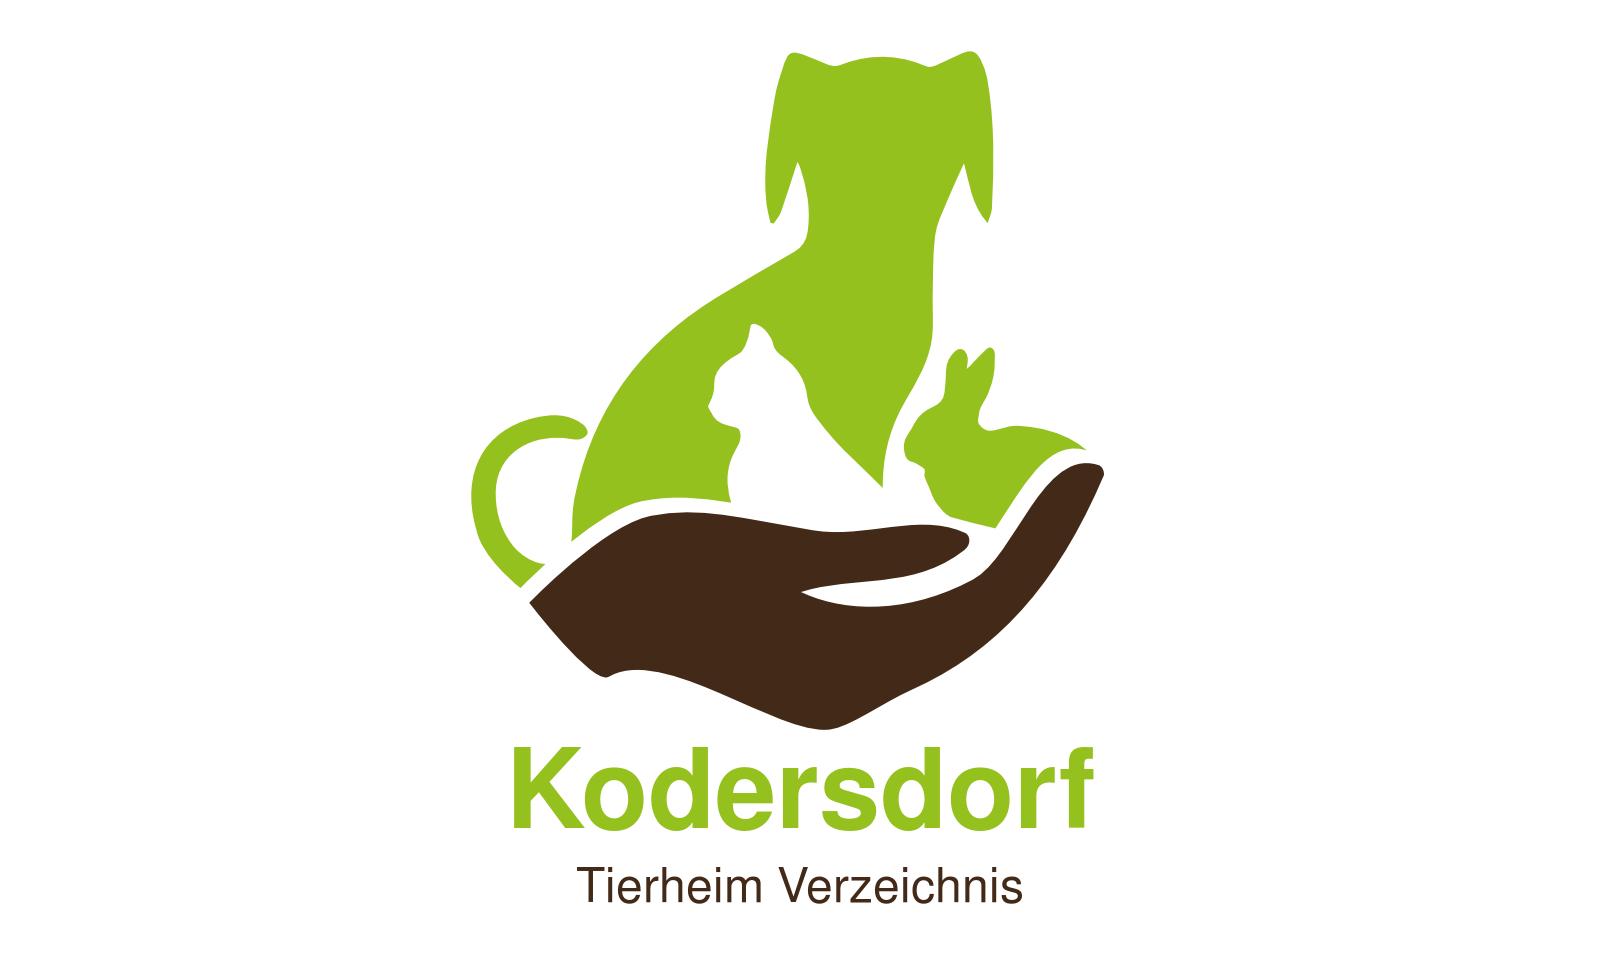 Tierheim Kodersdorf